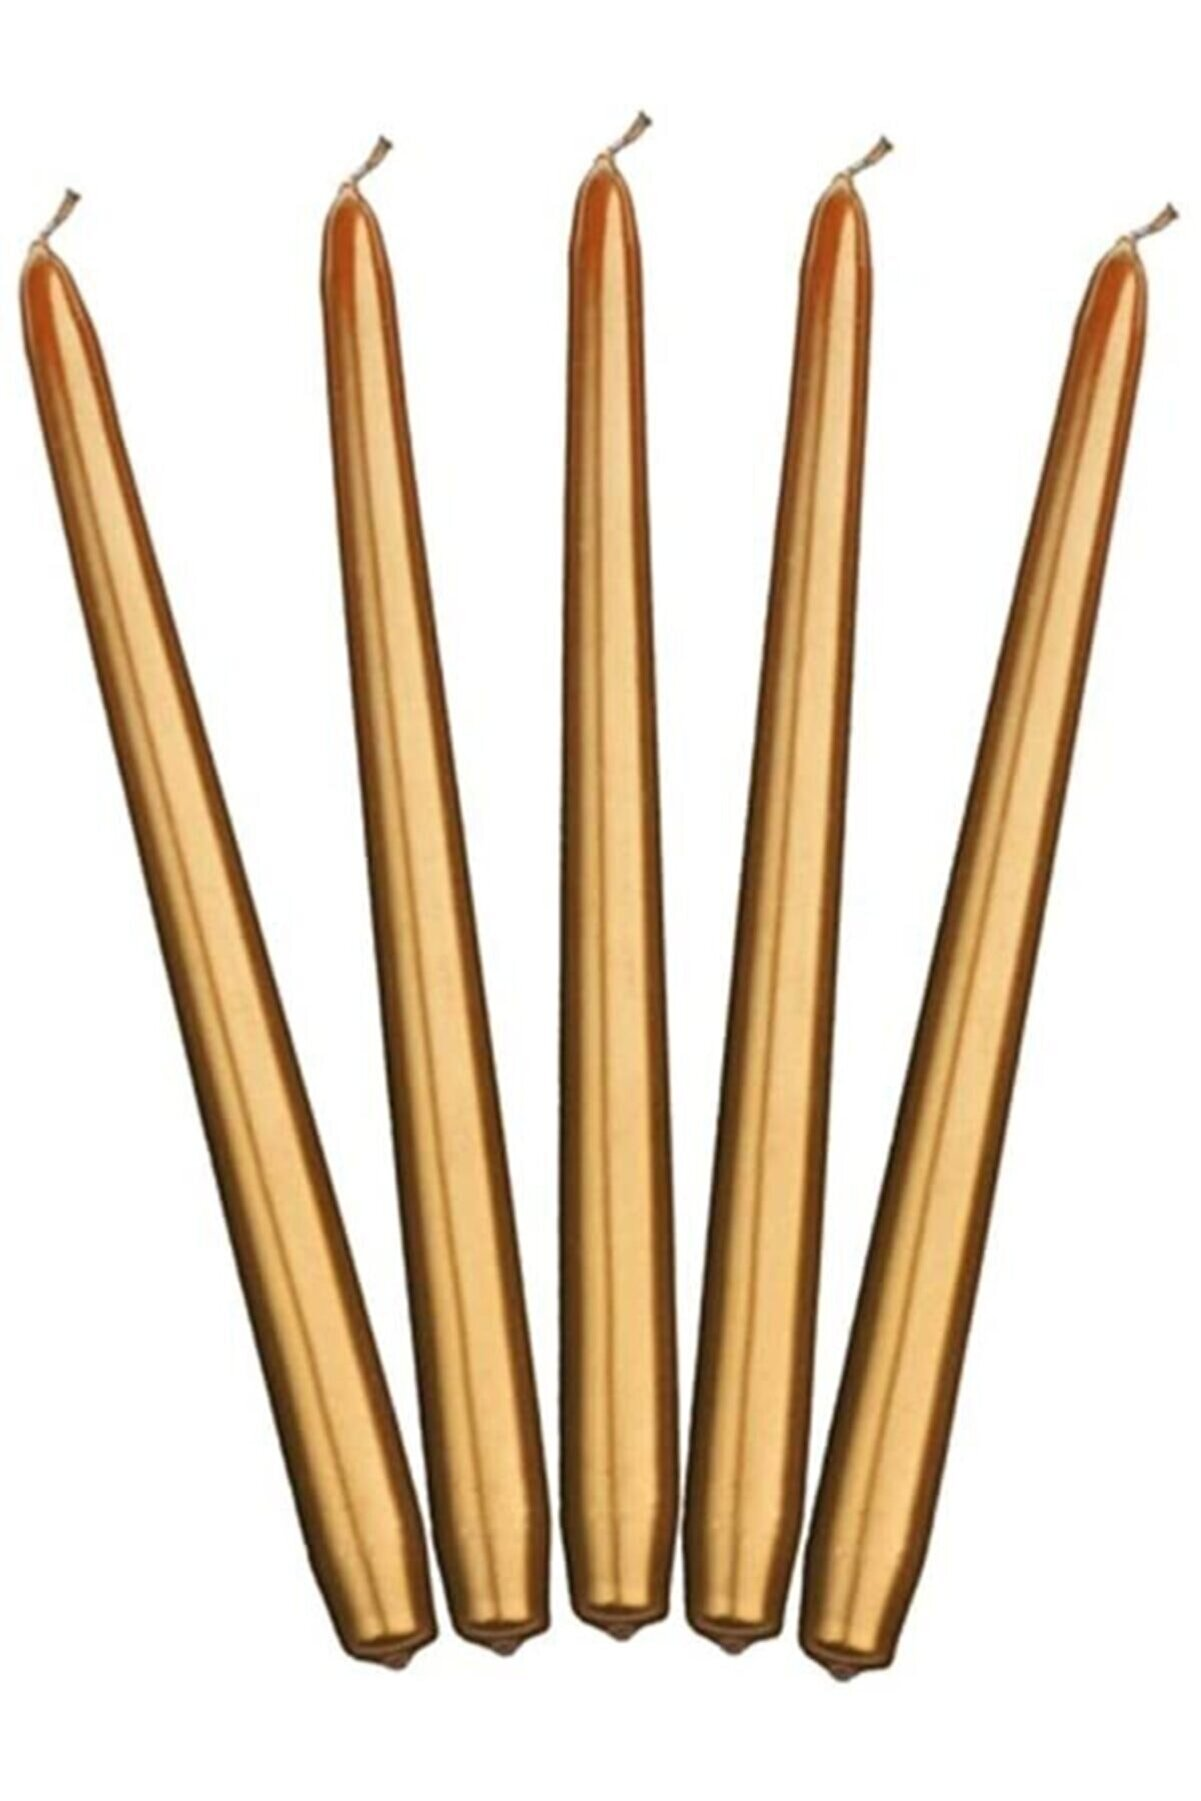 Horizon Mum Şamdan Mum - Metalik Altın 4'lü Paket